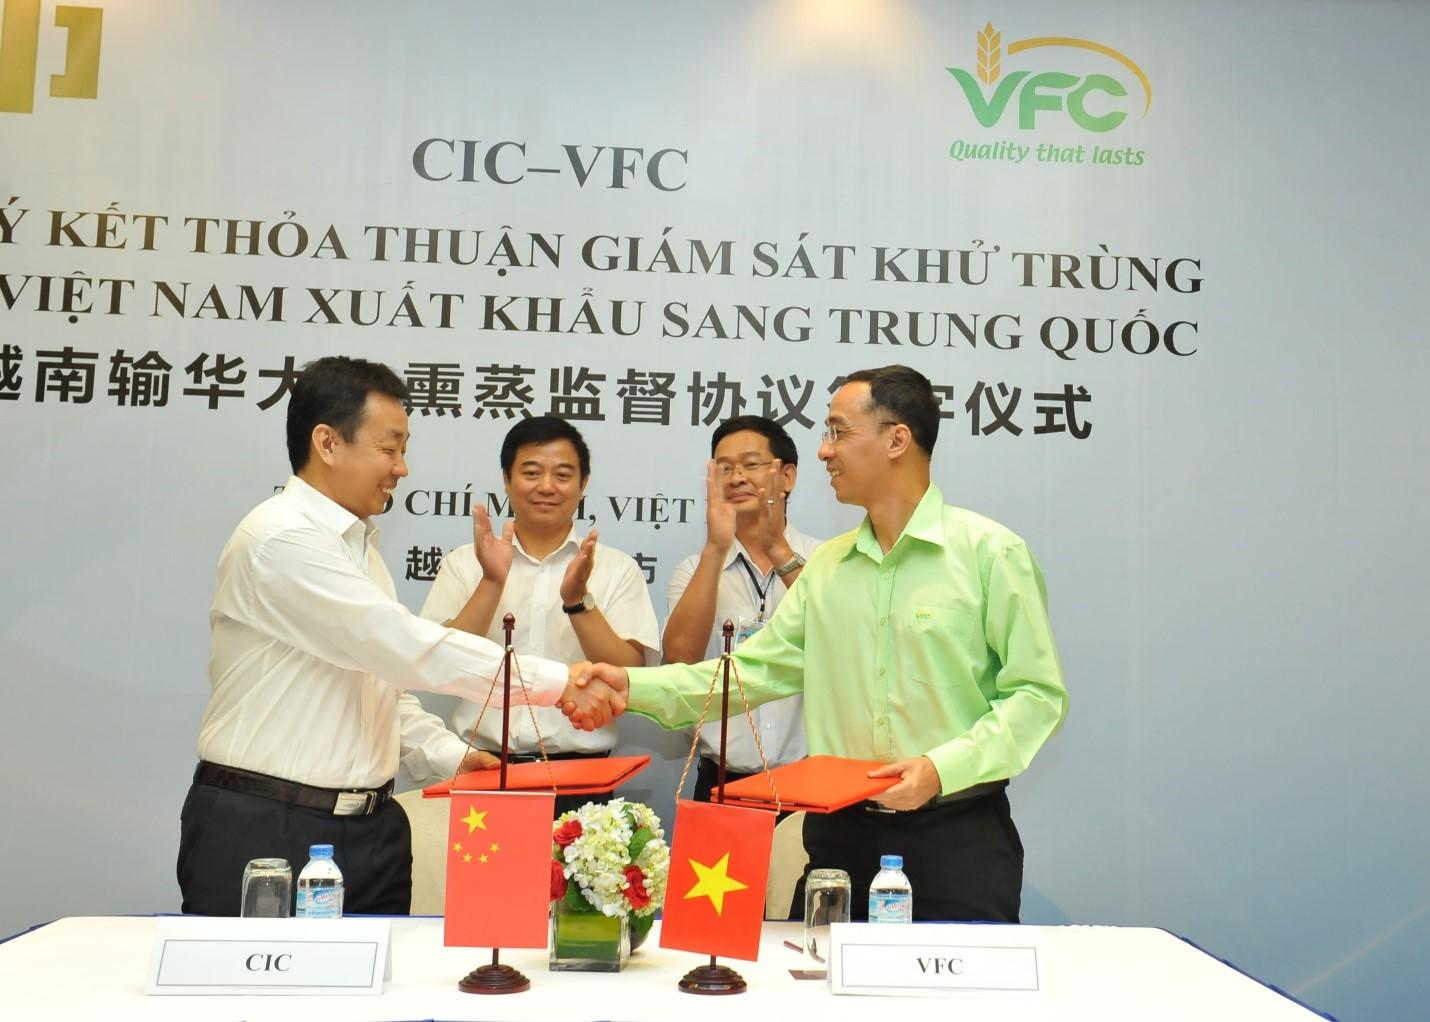 VFC và CIC ký thỏa thuận giám sát khử trùng gạo Việt Nam xuất khẩu sang Trung Quốc